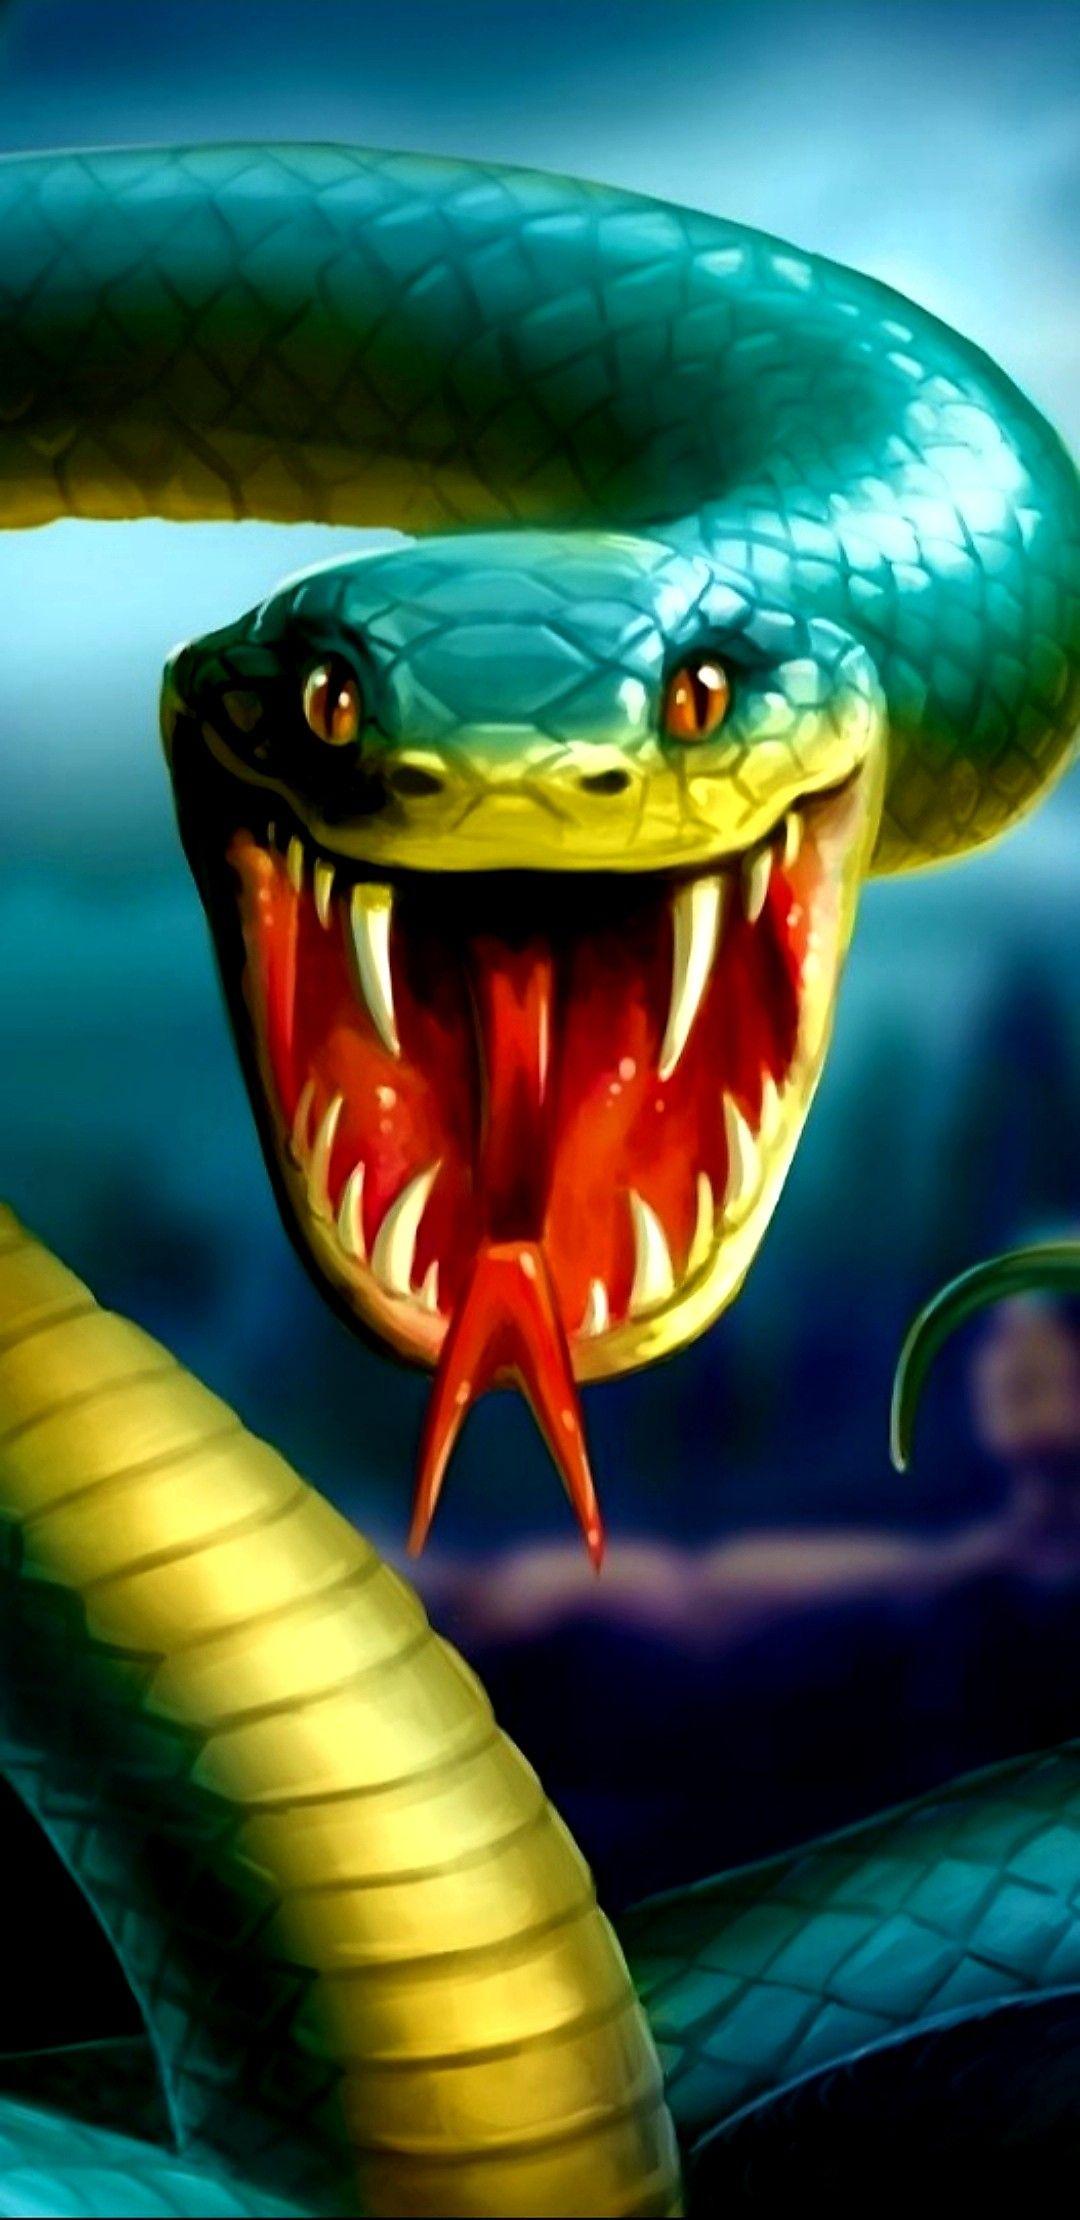 Pin by NikklaDesigns on Snake Wallpaper Snake wallpaper